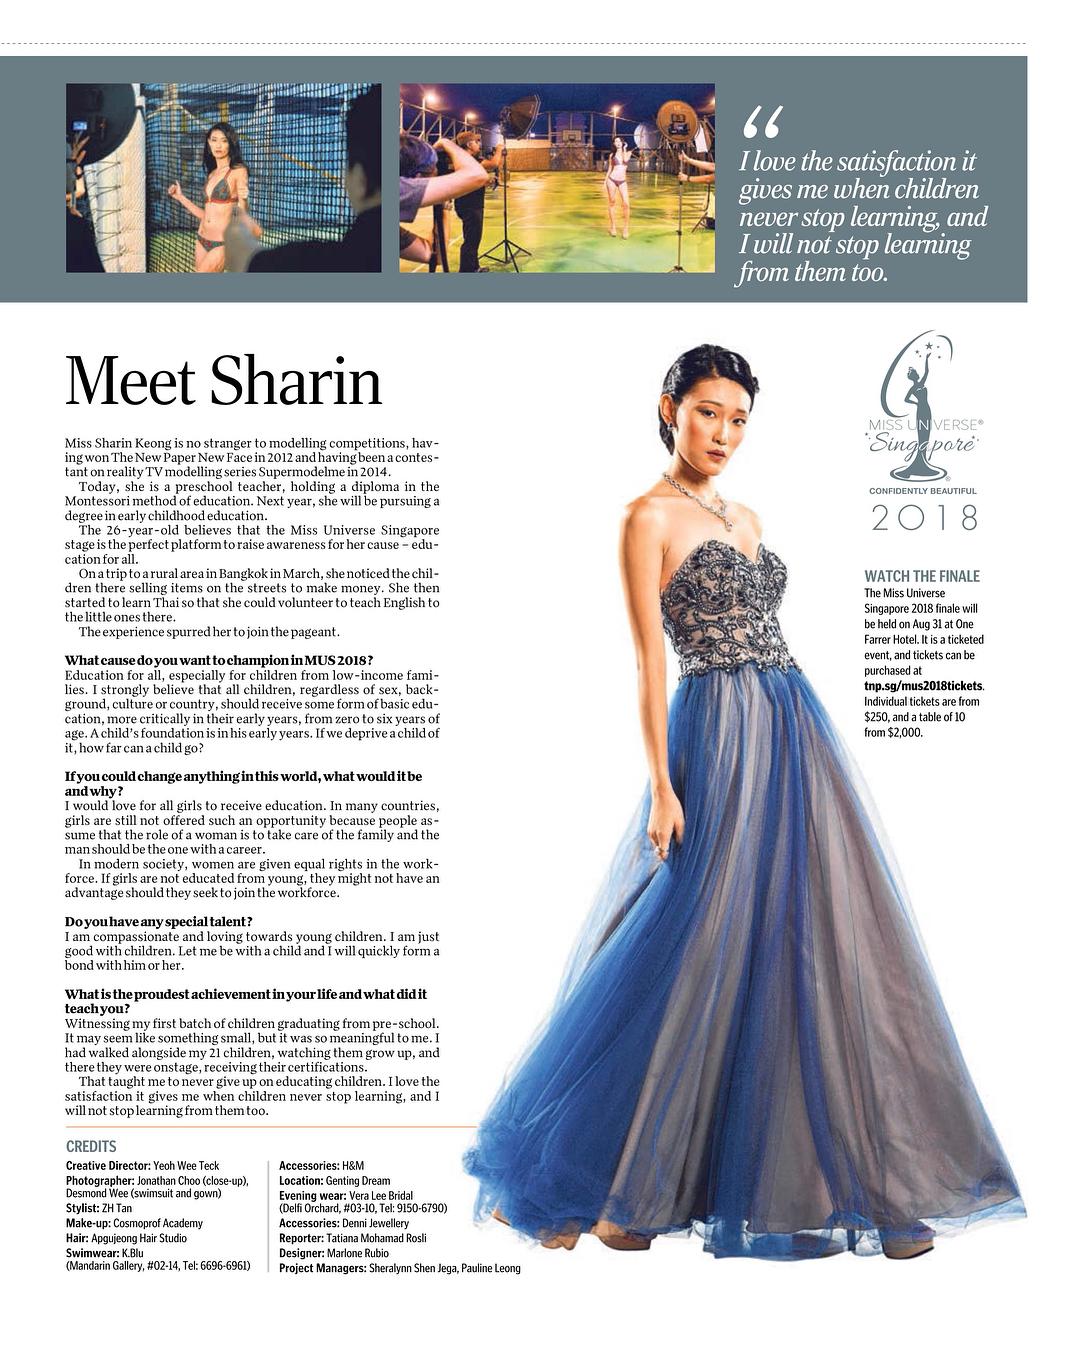 candidatas a miss universe singapore 2018. final: 31 agosto. - Página 7 E7rwbjlk